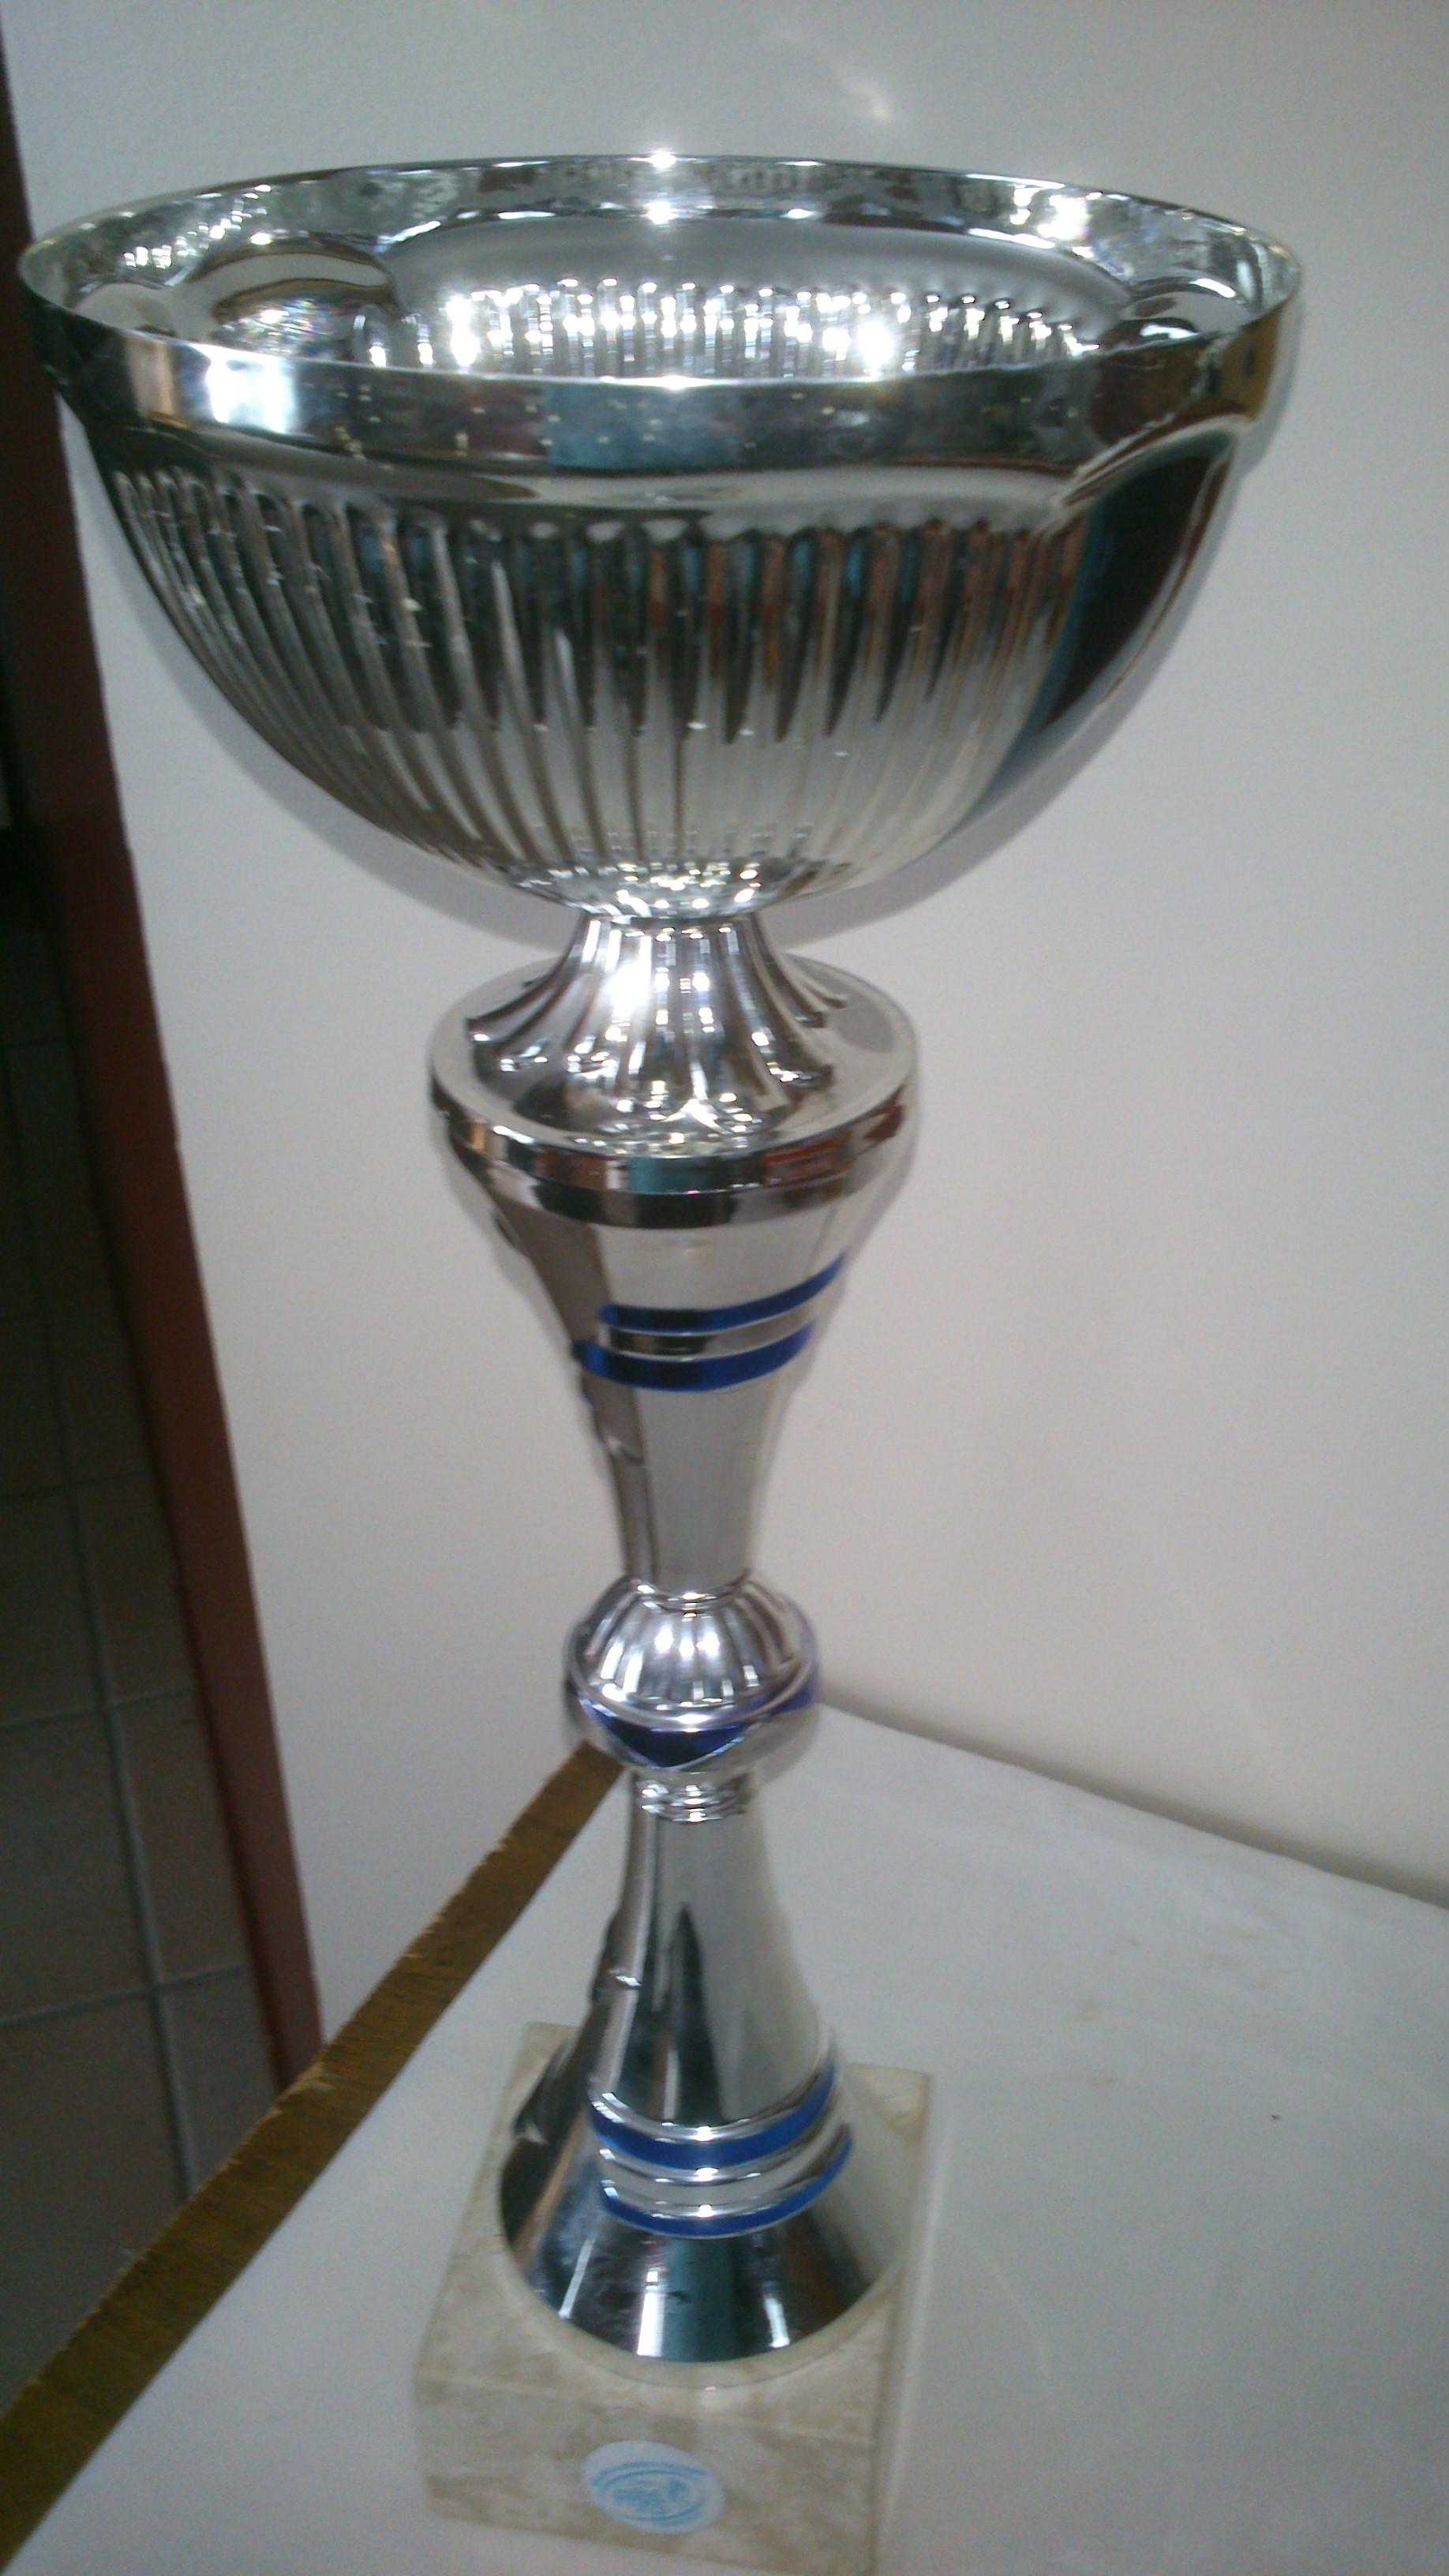 Coupe Saujon 2014